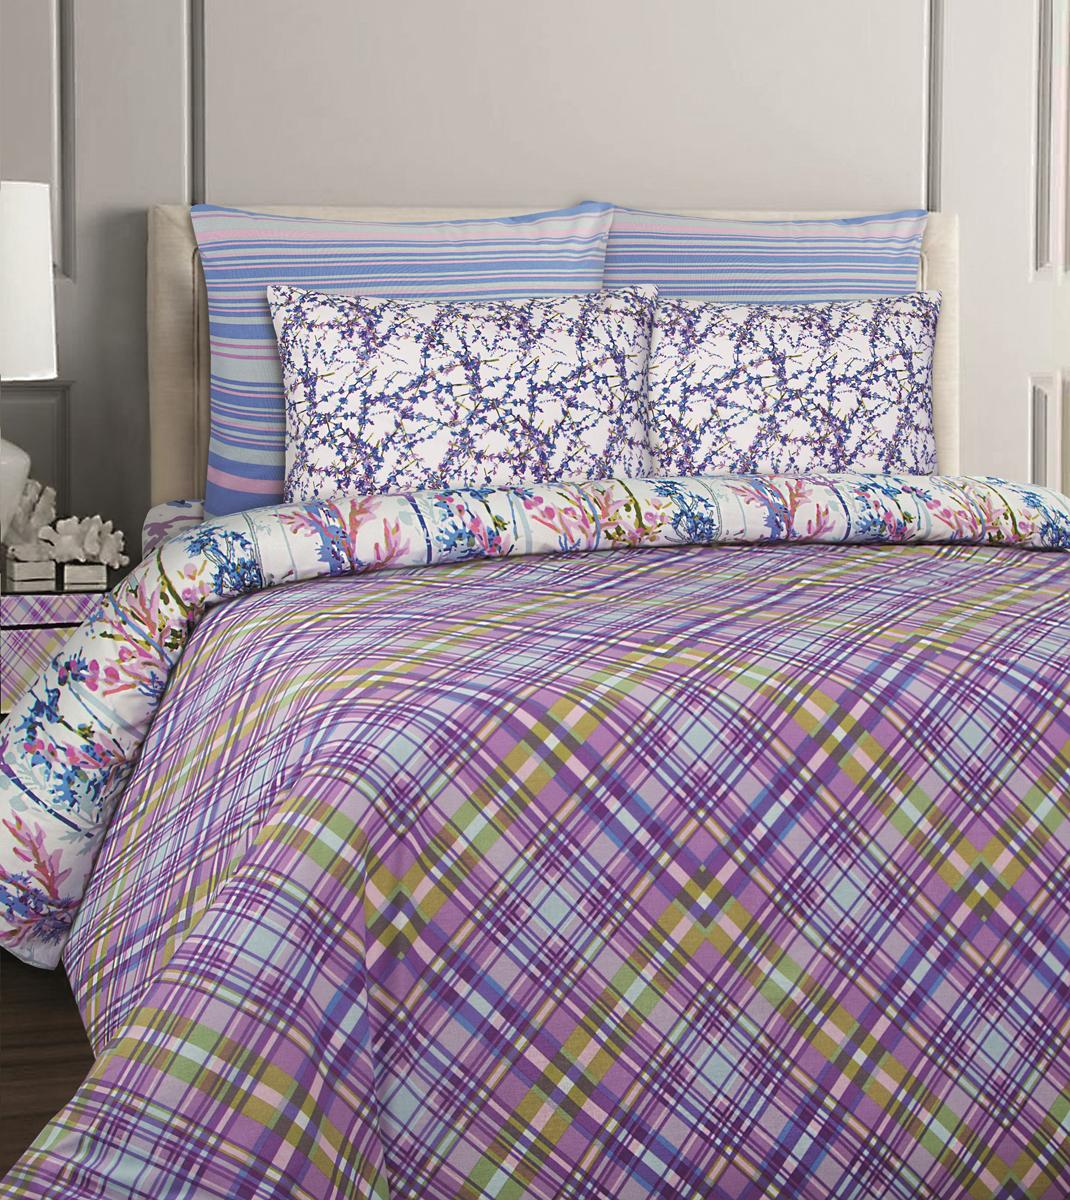 Комплект белья Mona Liza British Cheshir, 2-спальный, наволочки 70x70. 552203-72 комплекты белья